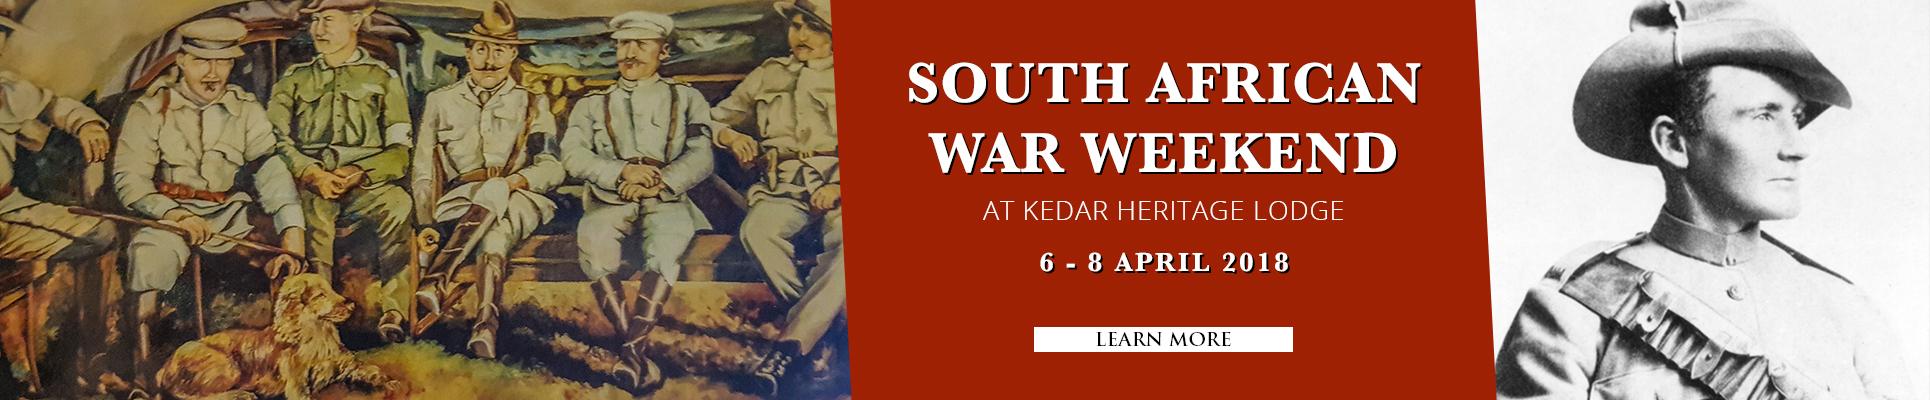 South African War Weekend